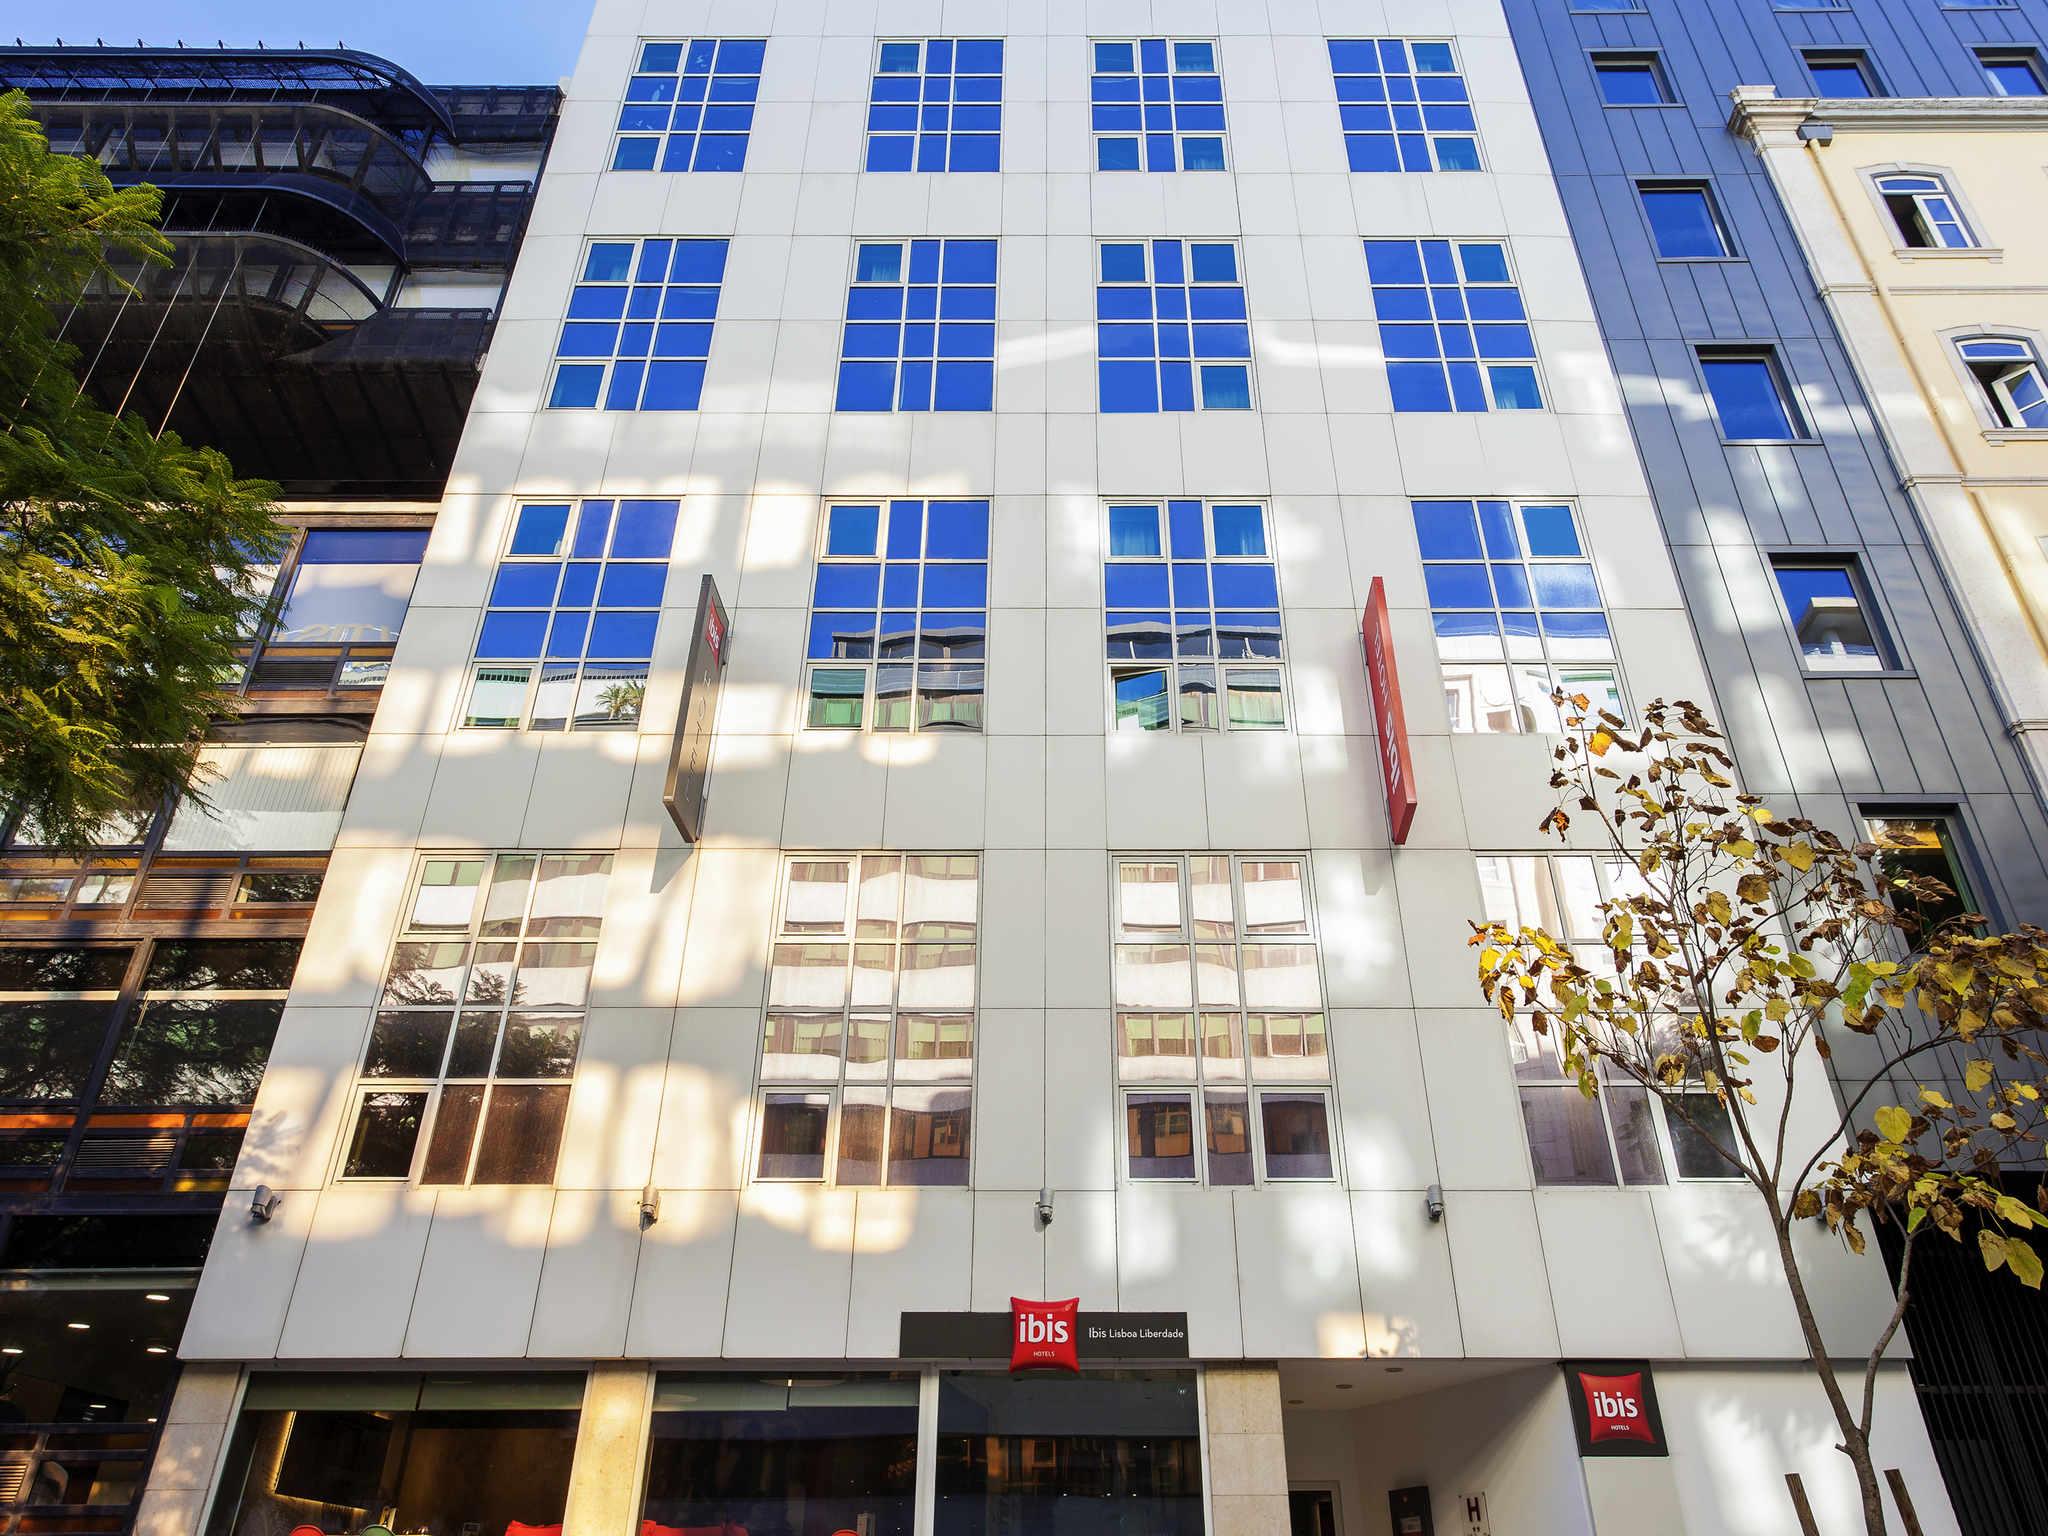 酒店 – 宜必思里斯本利贝尔达德酒店